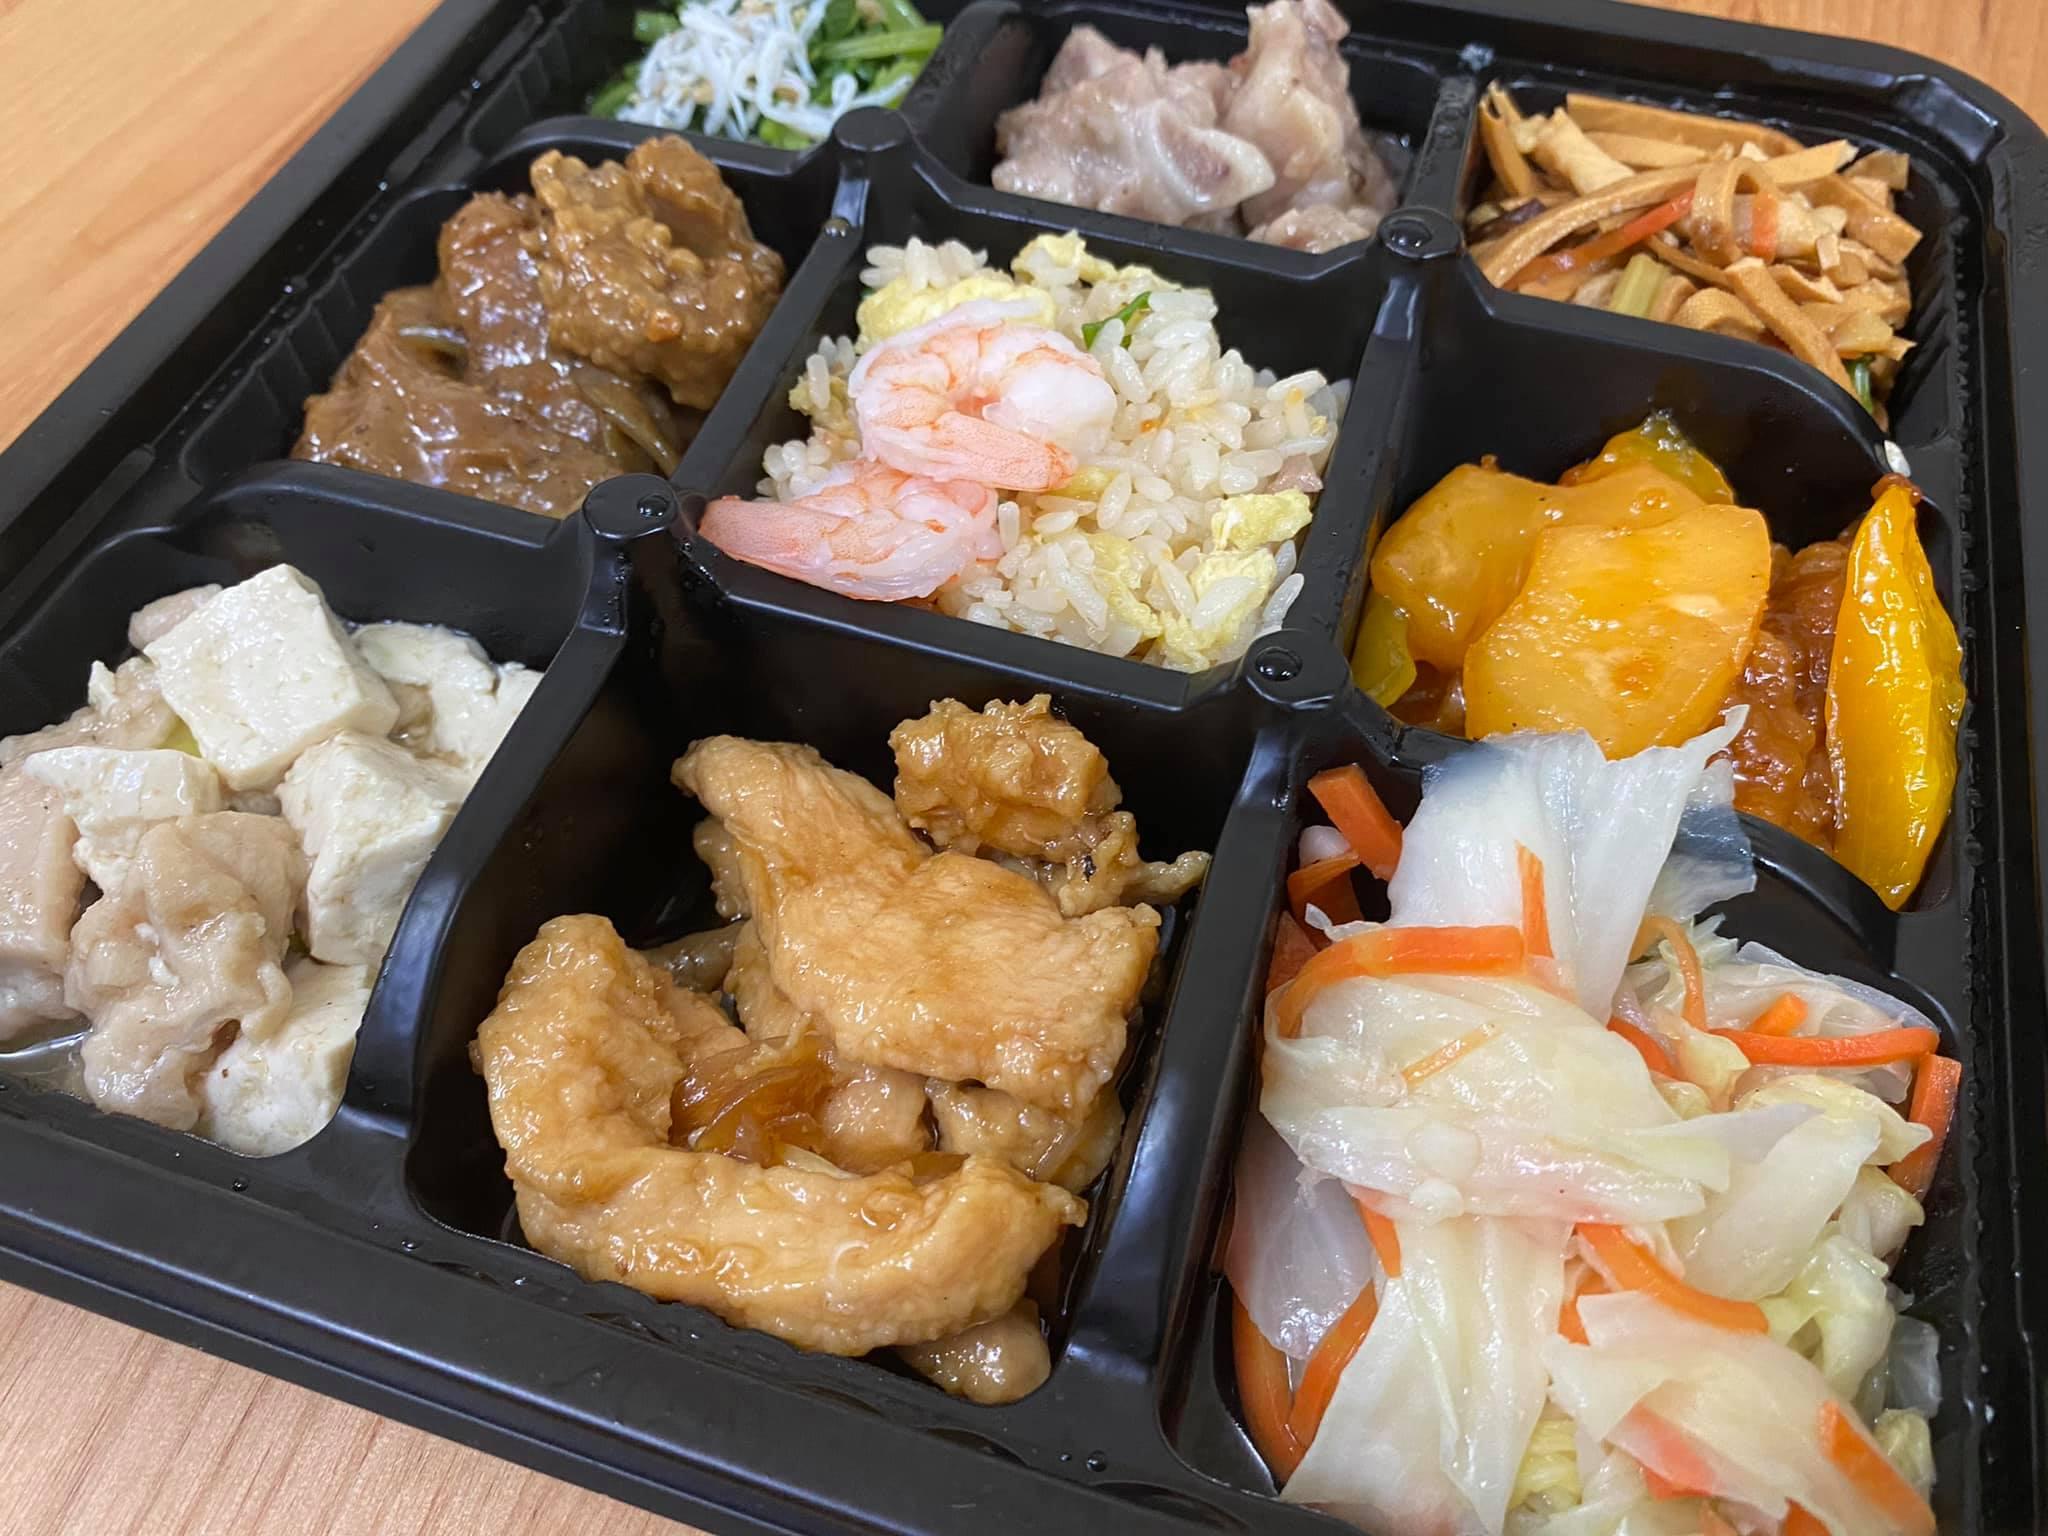 福華飯店珍珠坊港點外送外帶評價| 該選20品午餐或9宮格27品晚餐呢?